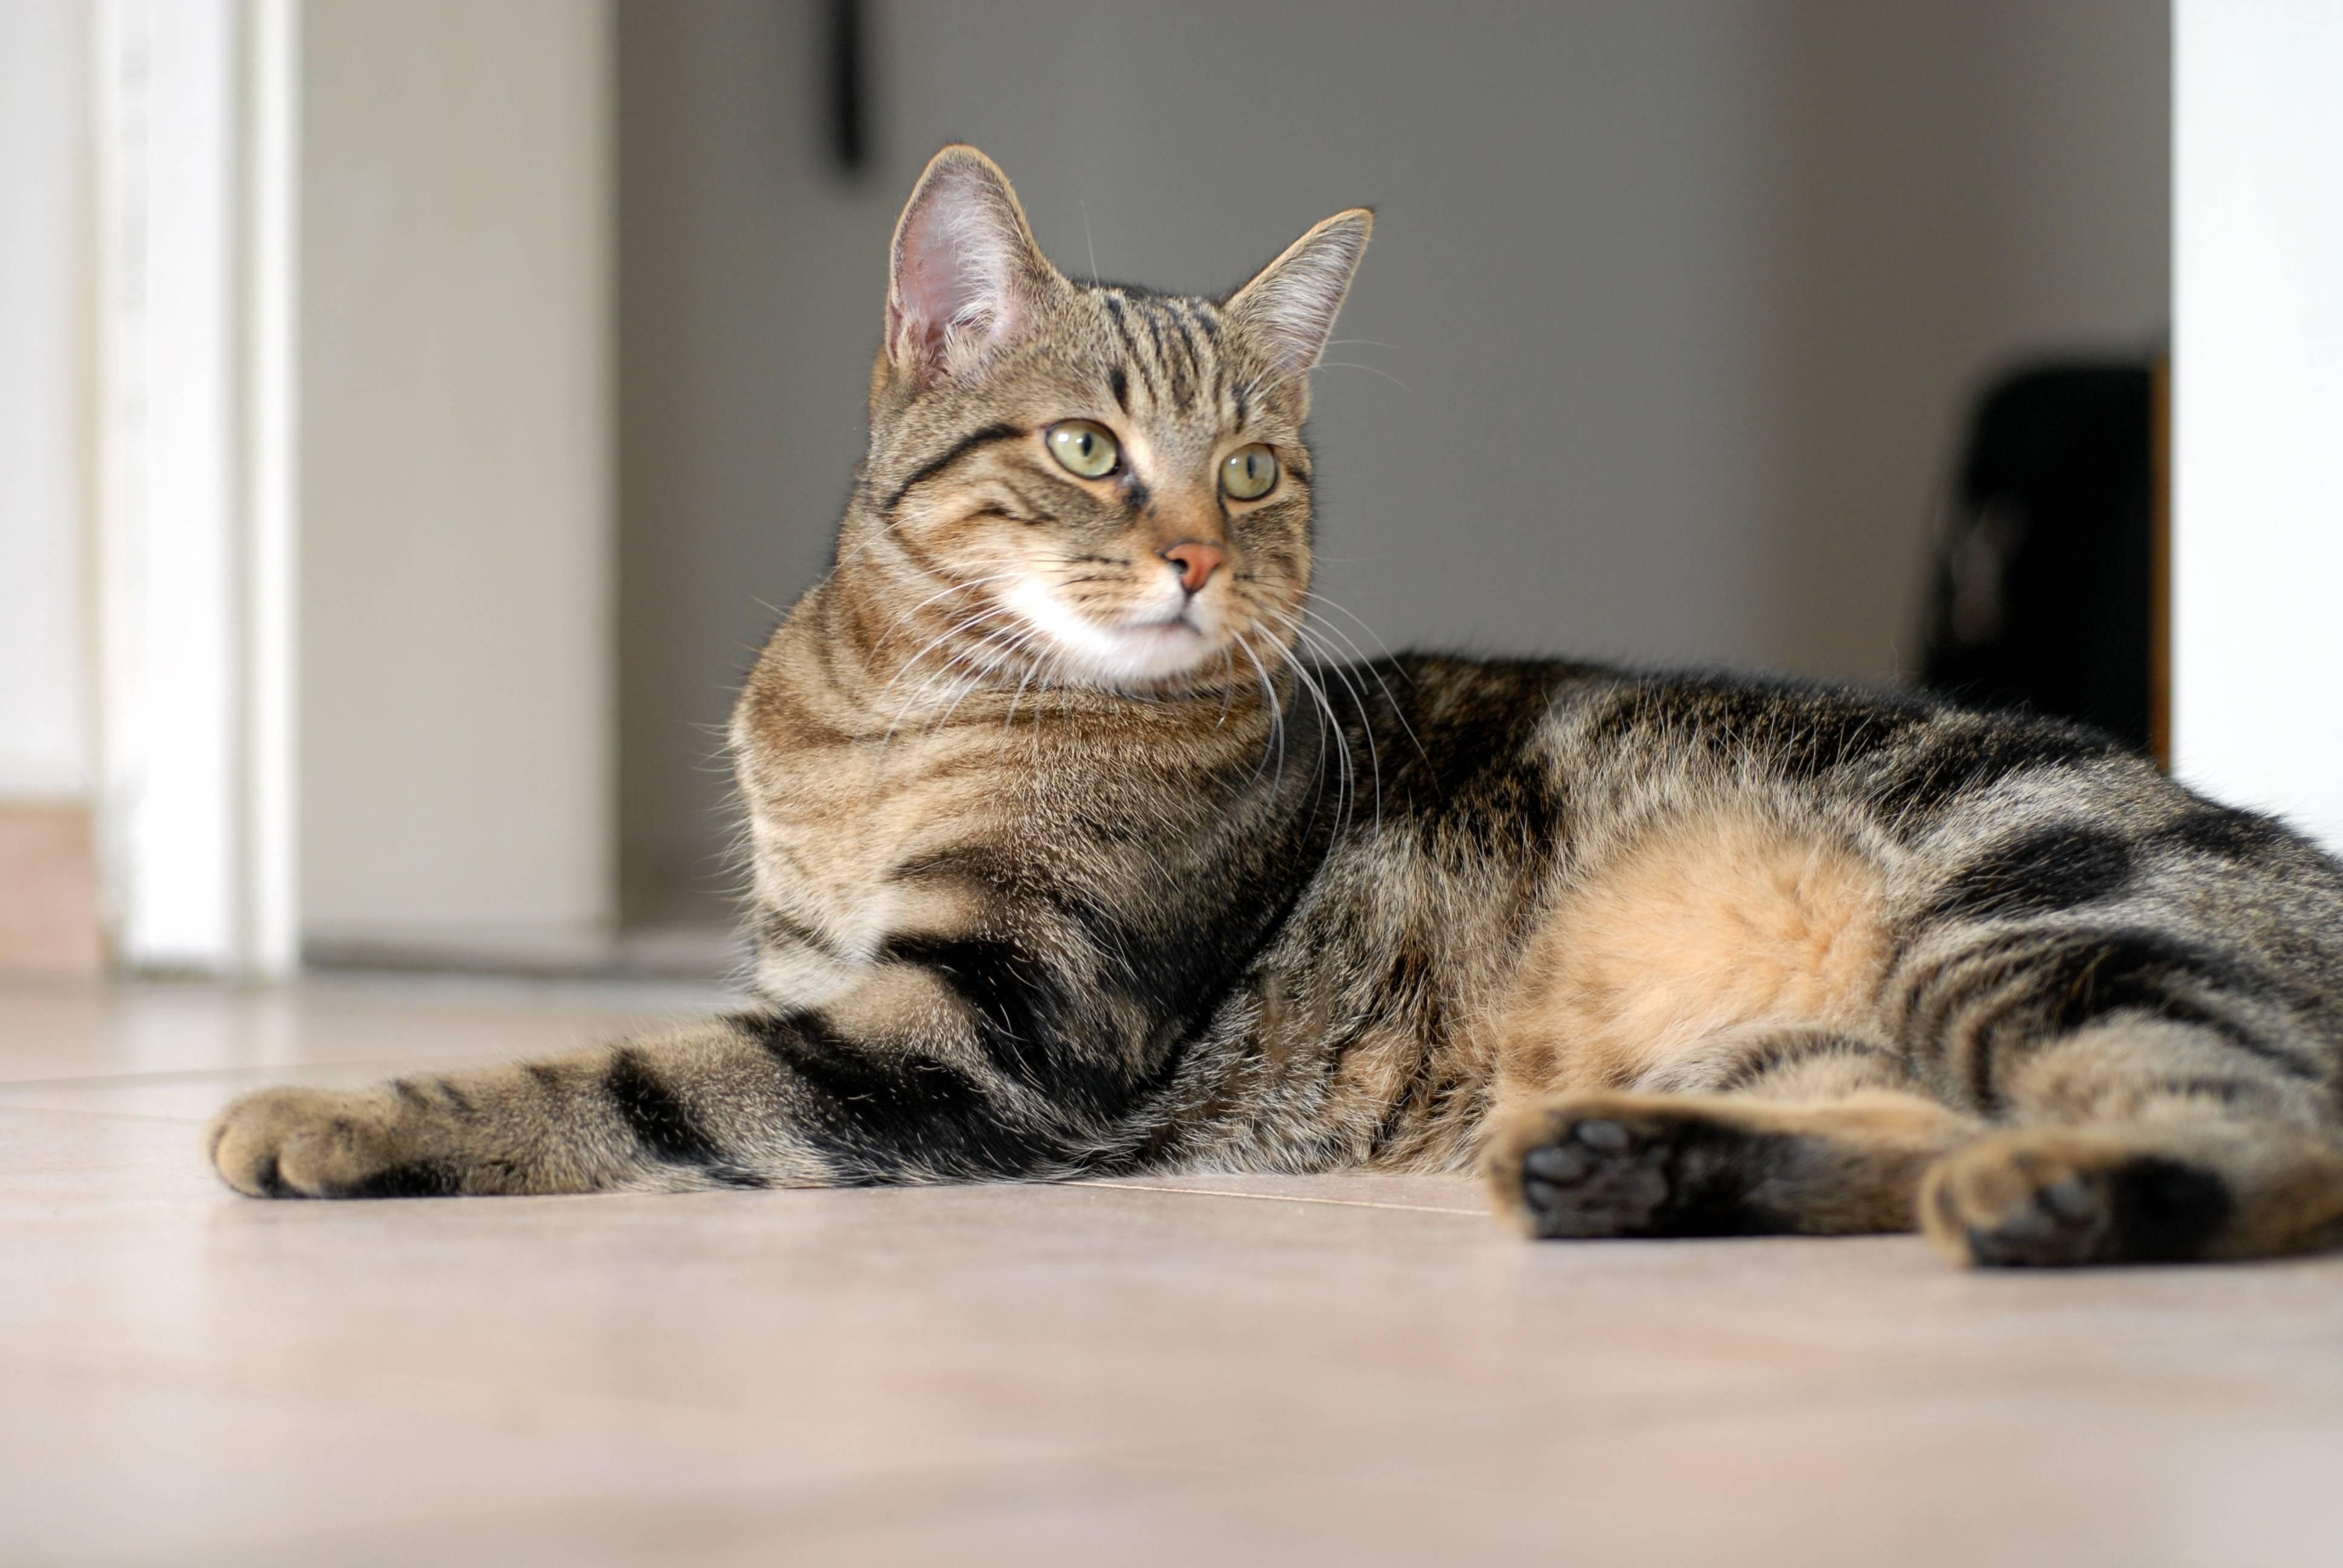 Европейские кошки (55 фото): почему эта порода котов называется короткошерстной или кельтской? описание характера гладкошерстных животных и распространенные окрасы